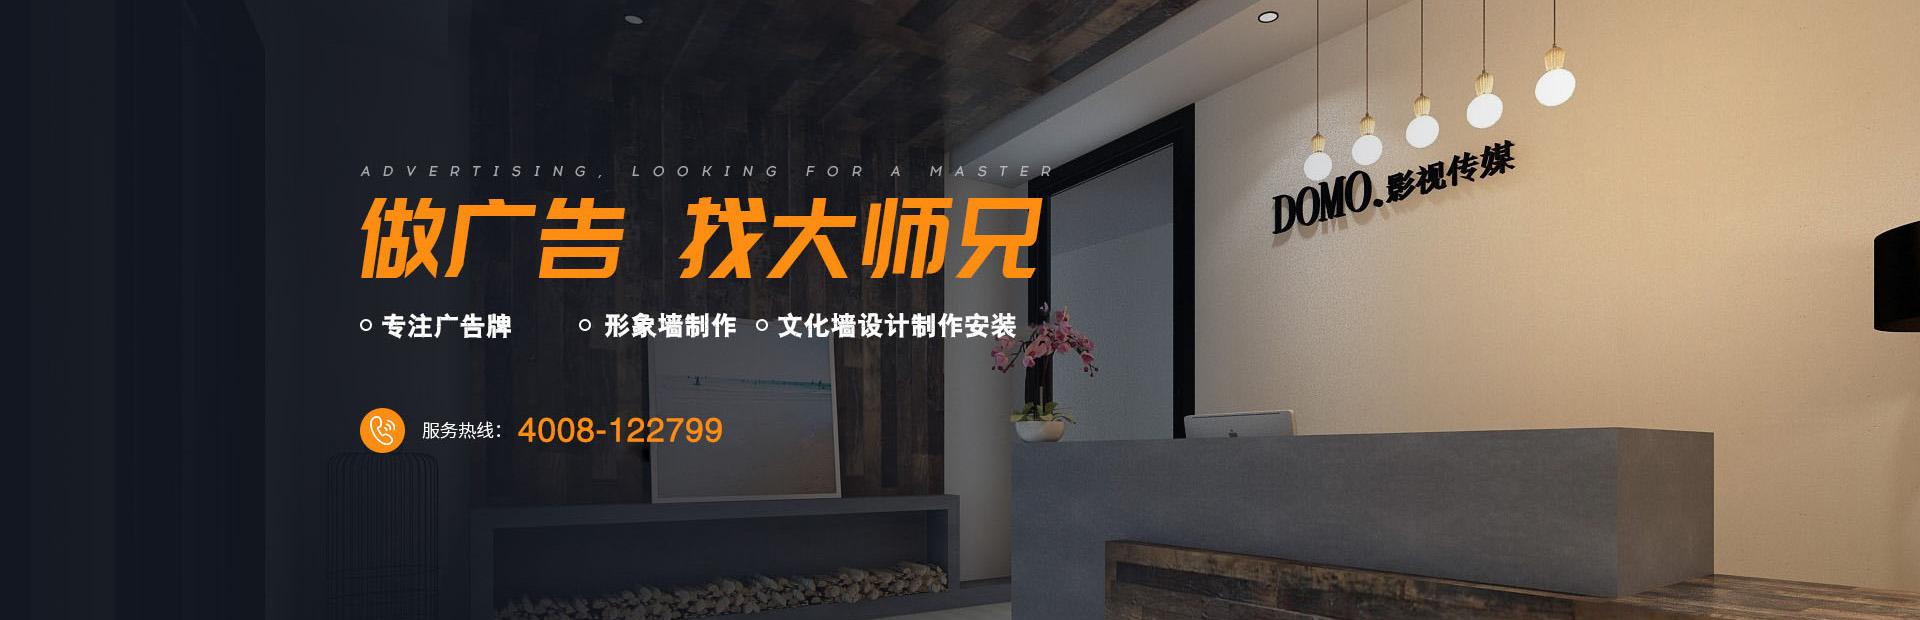 大师兄专注形象墙 | LOGO墙 | 文化墙设计制作安装